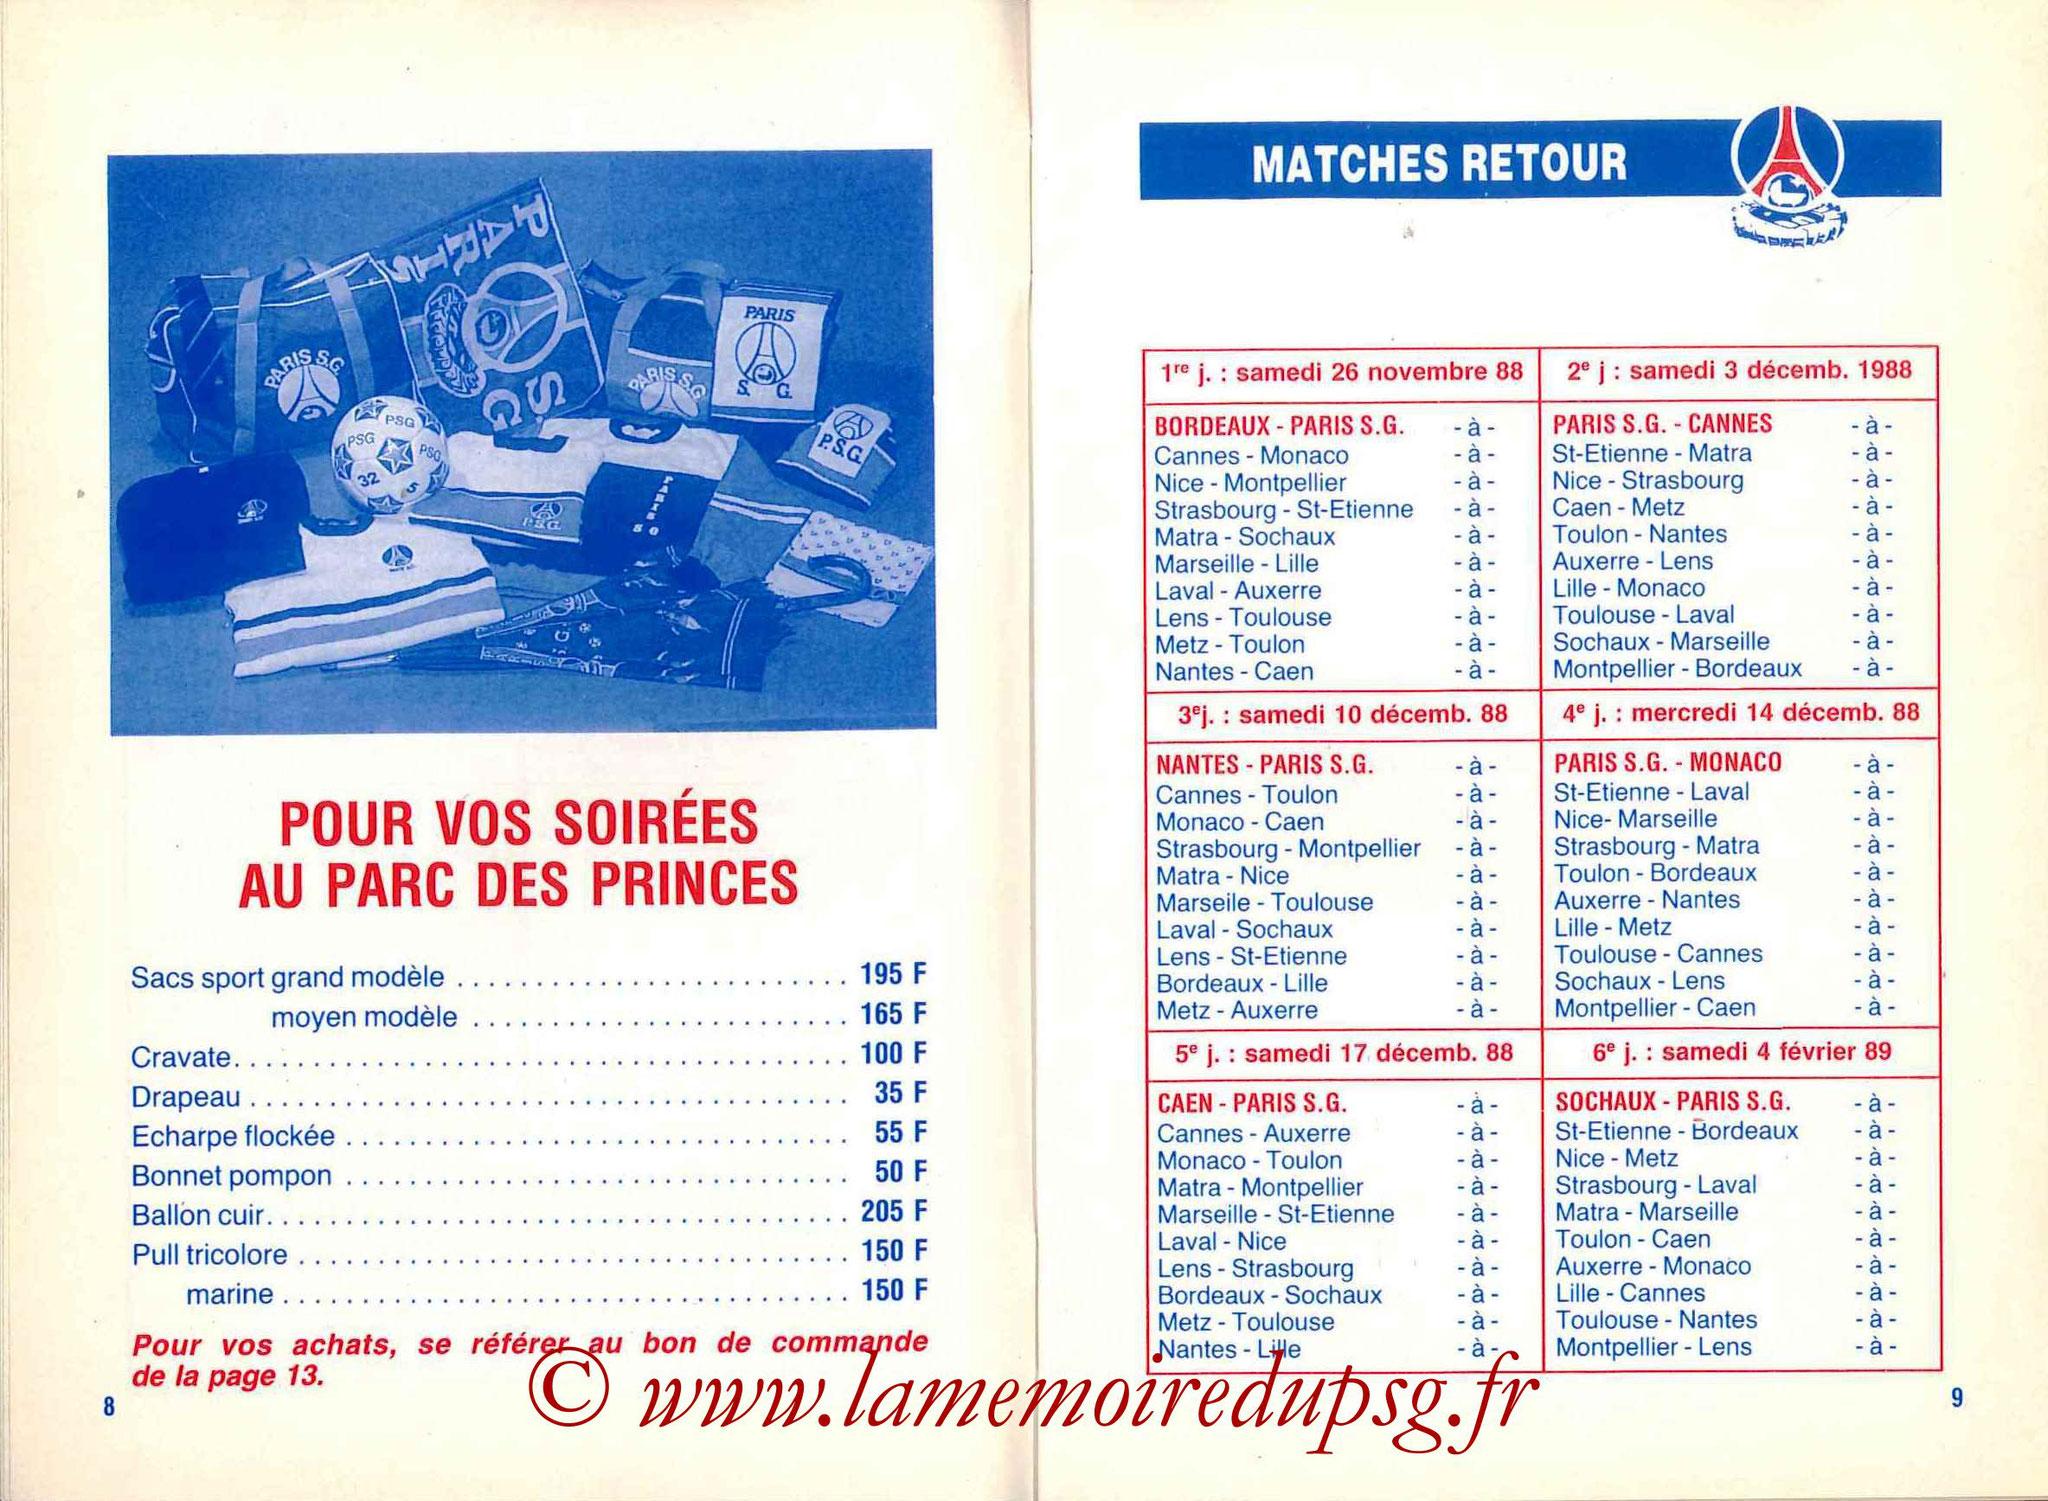 1988-89 - Guide de la Saison PSG - Pages 8 et 9